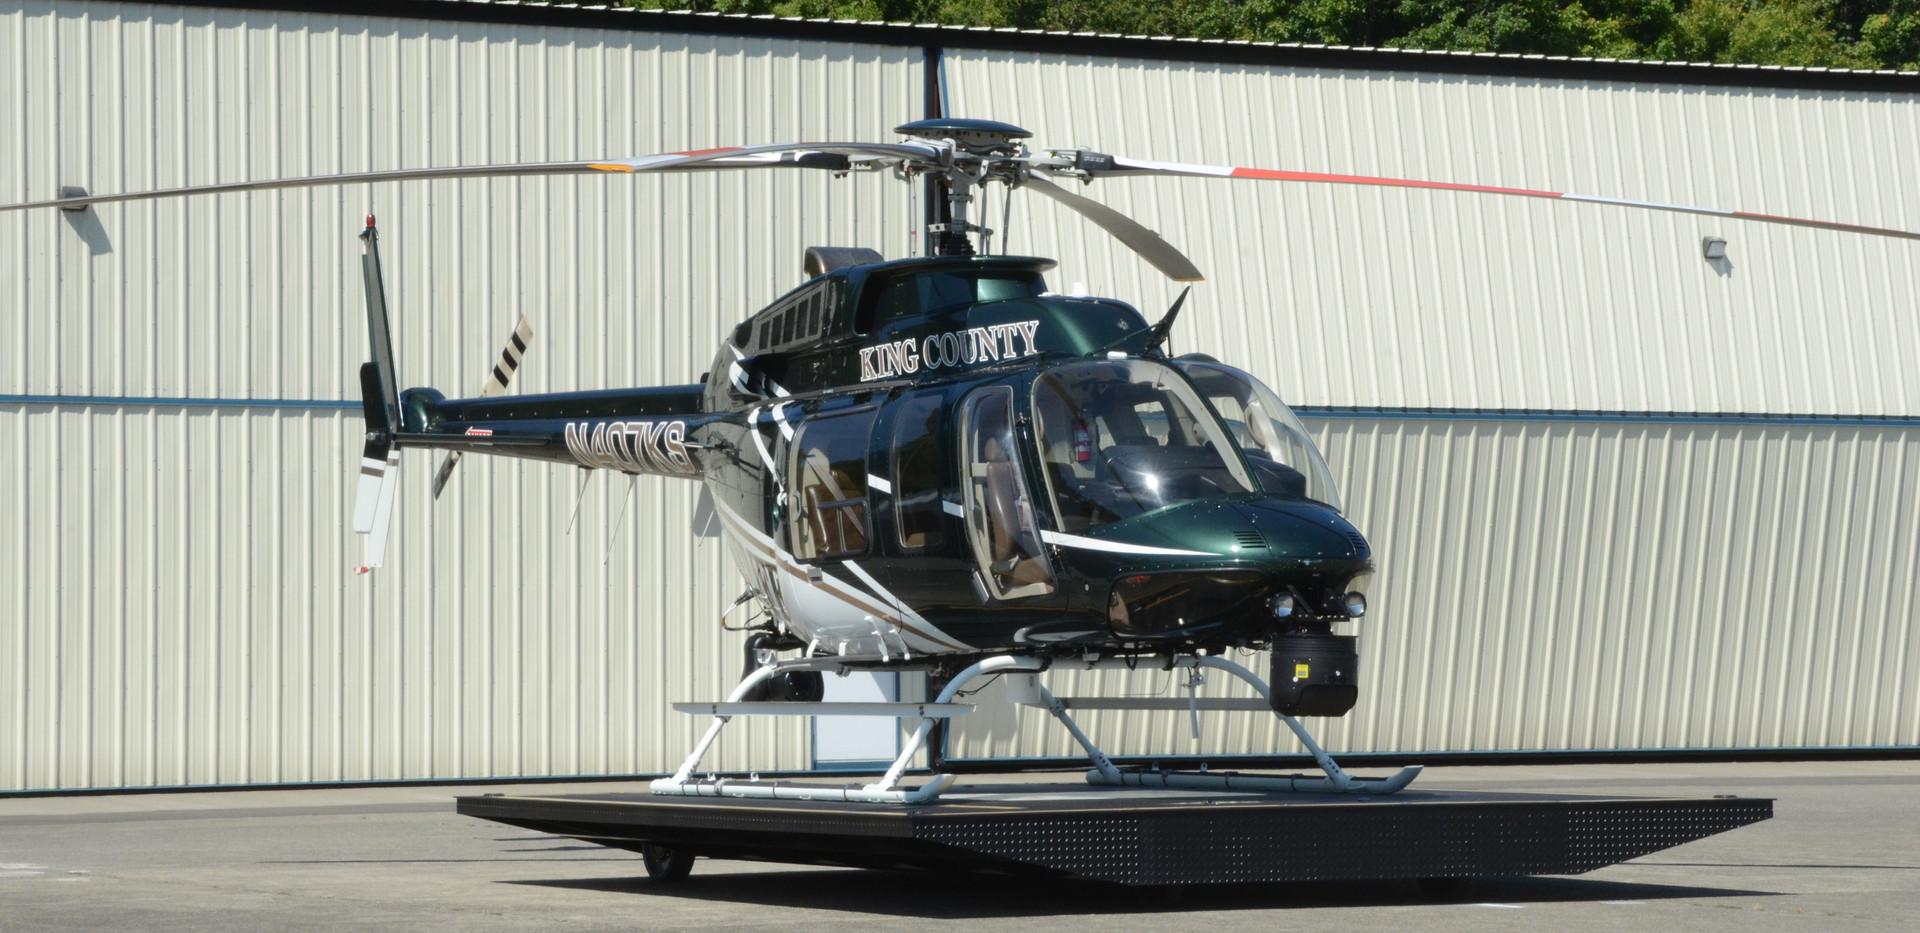 King County (WA) Bell 407 KRTN